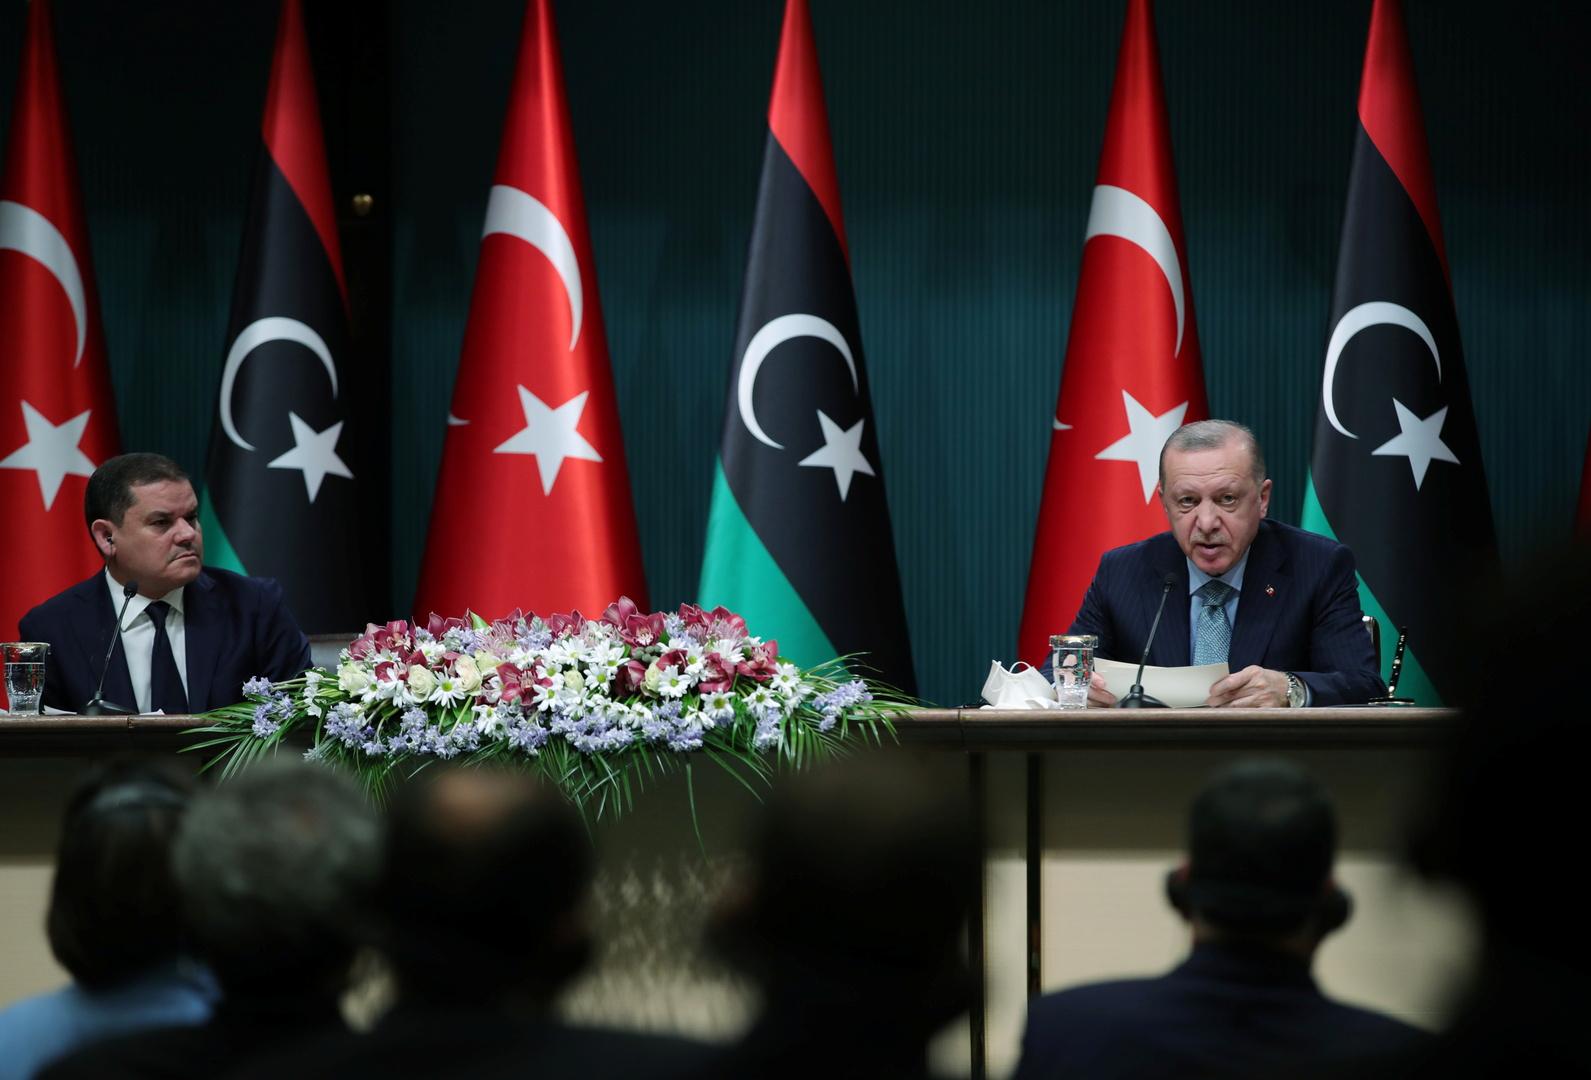 الرئيس التركي أردوغان ورئيس الوزراء الليبي الدبيبة في مؤتمر صحفي في أنقرة، 12 أبريل